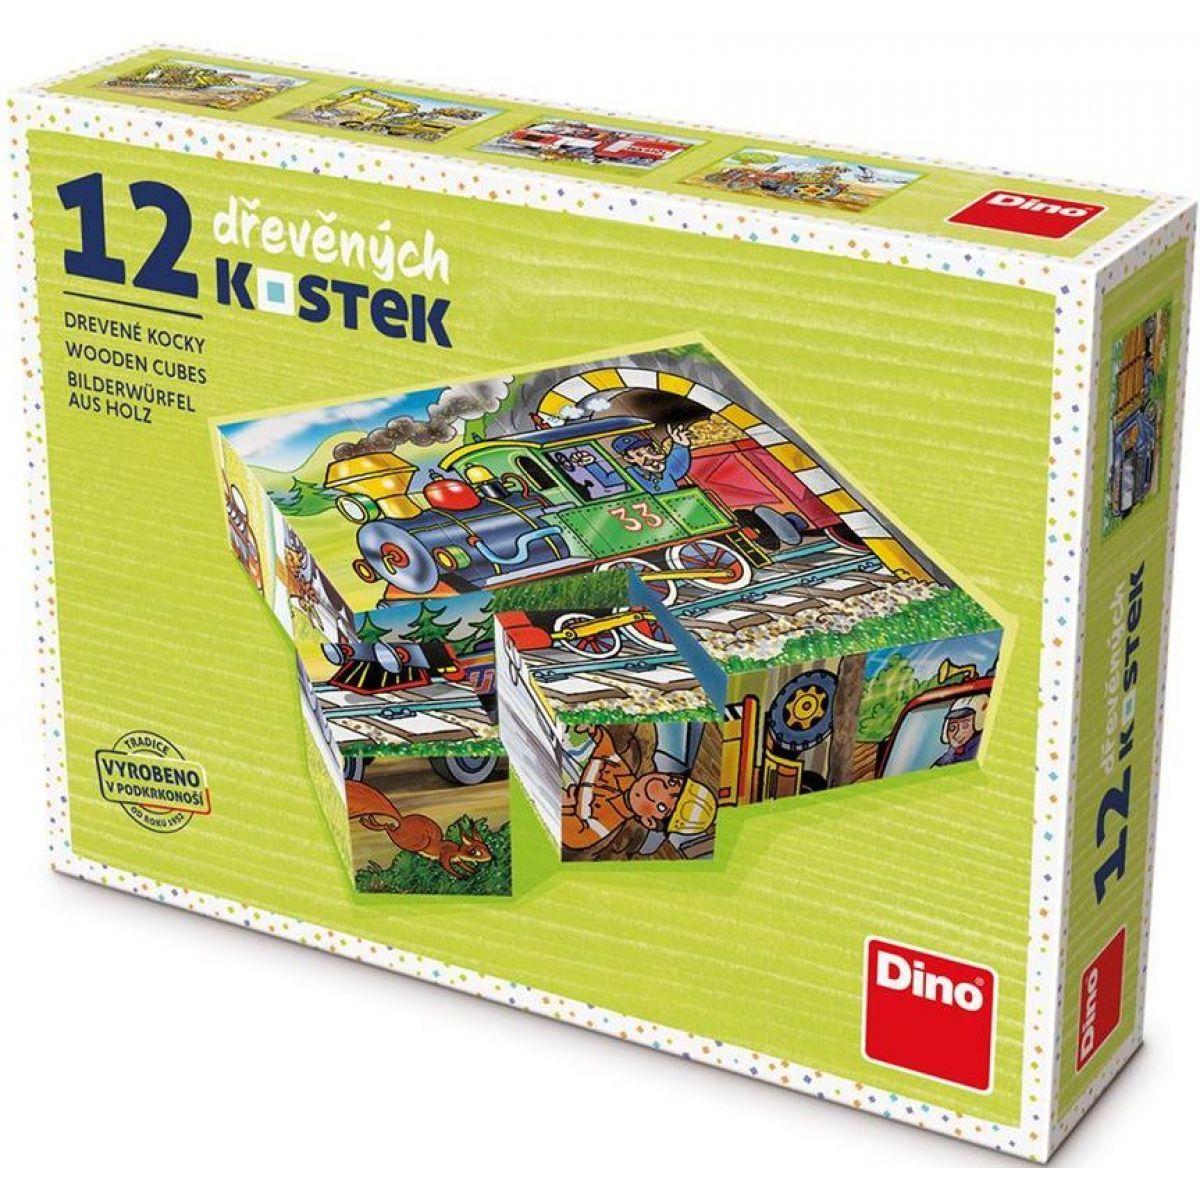 Dino Mašinka drevené kocky 12 ks